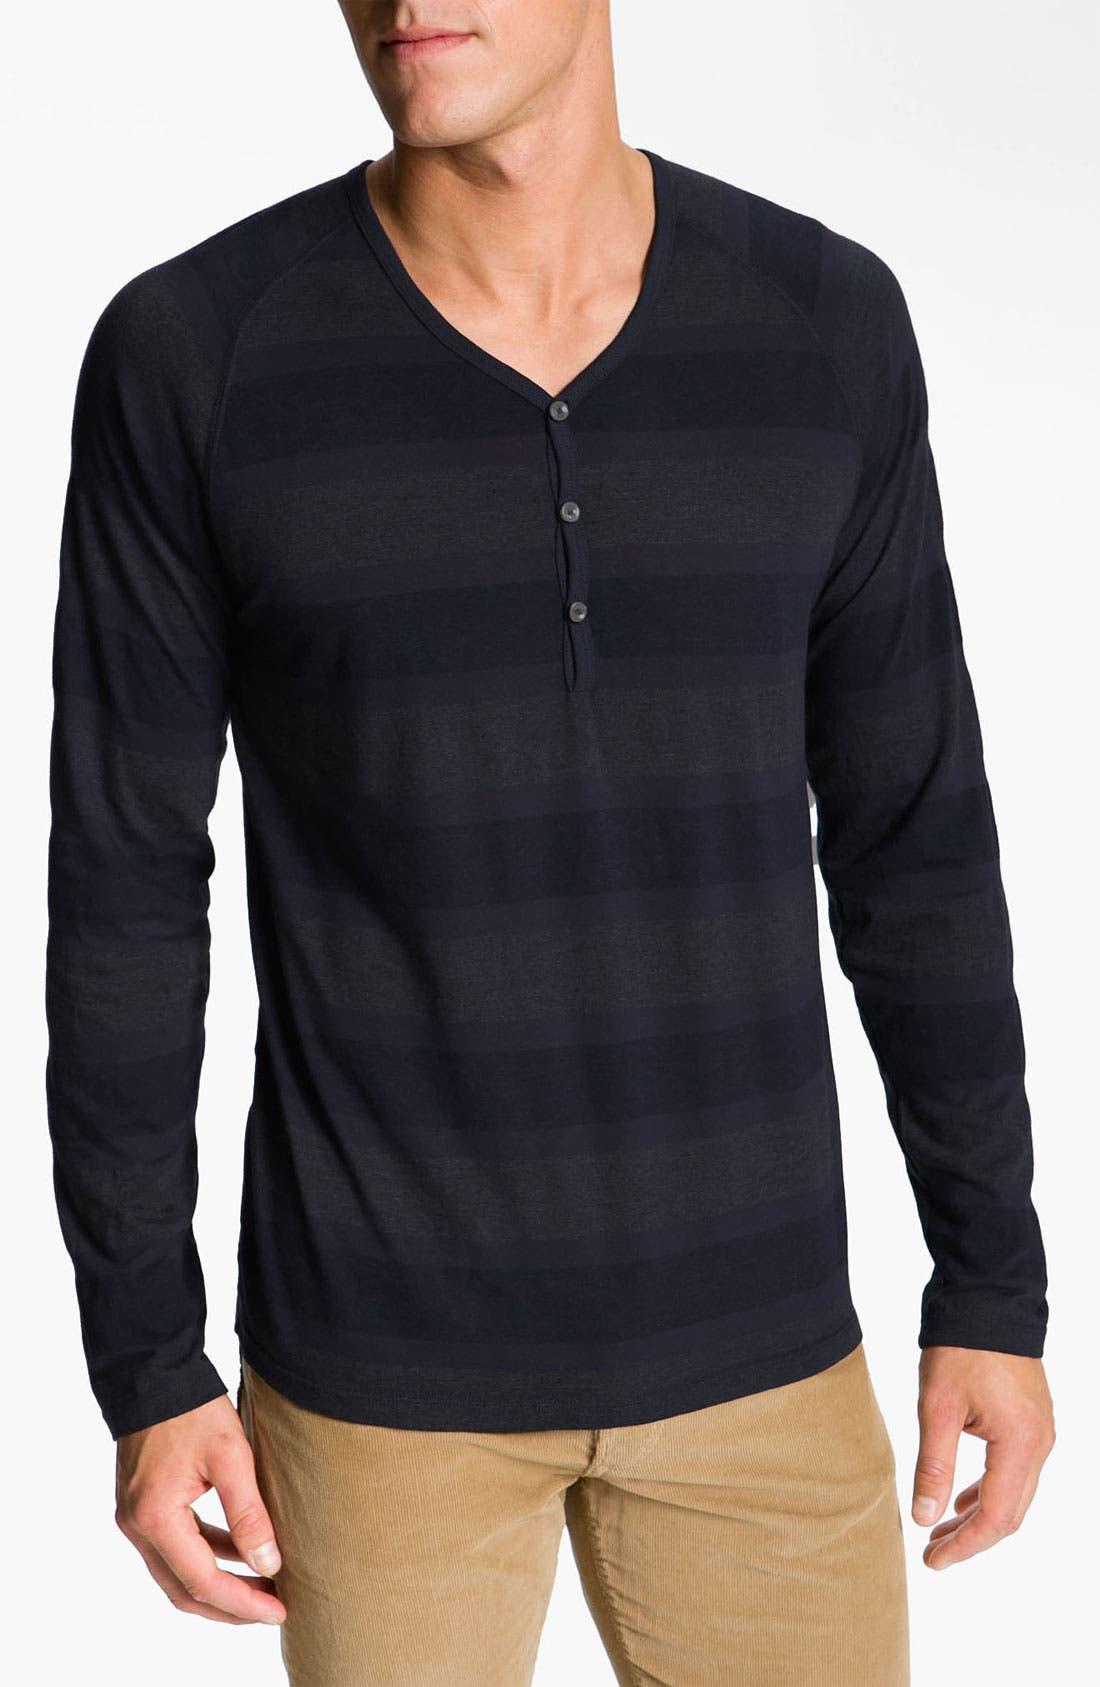 Alternate Image 1 Selected - NSF Clothing 'Laken' V-Neck Henley